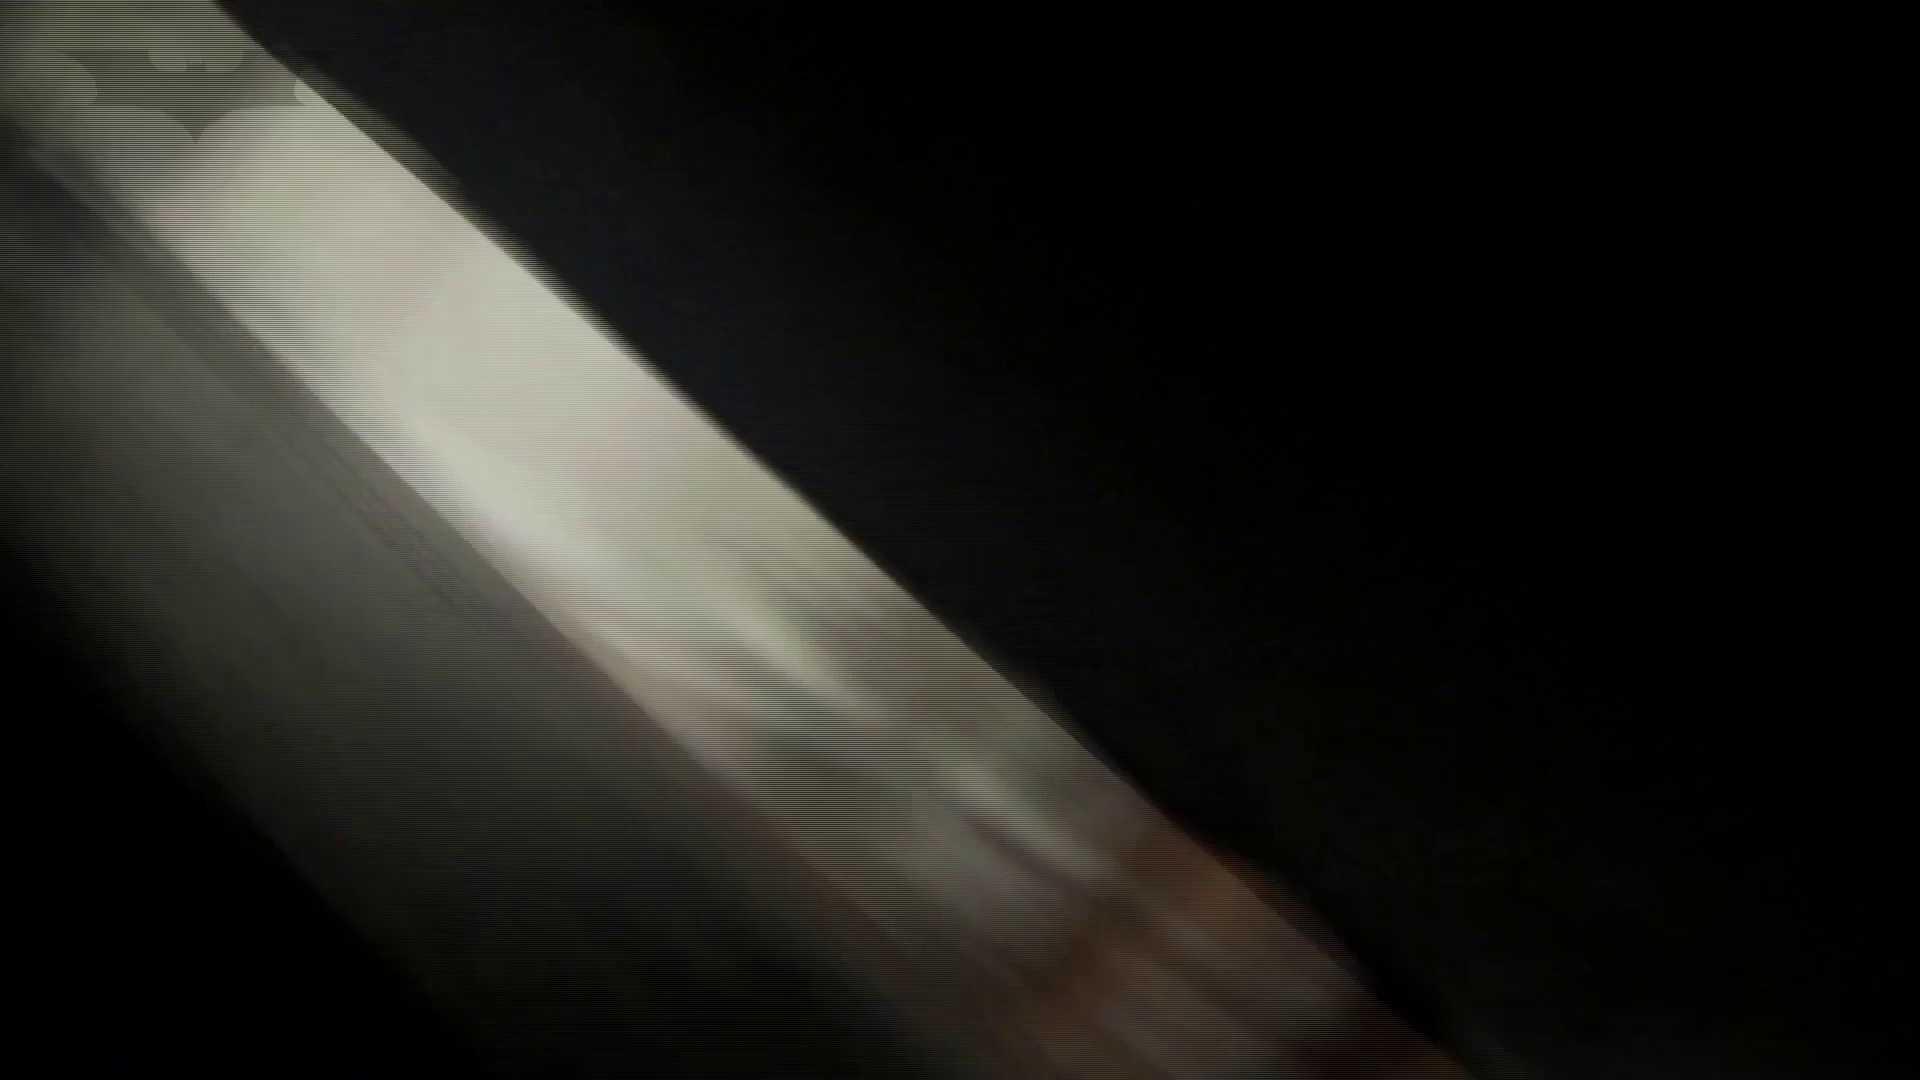 ステーション編 vol52 我慢して個室に入ったら。  :-)!! 洗面所 SEX無修正画像 84画像 64